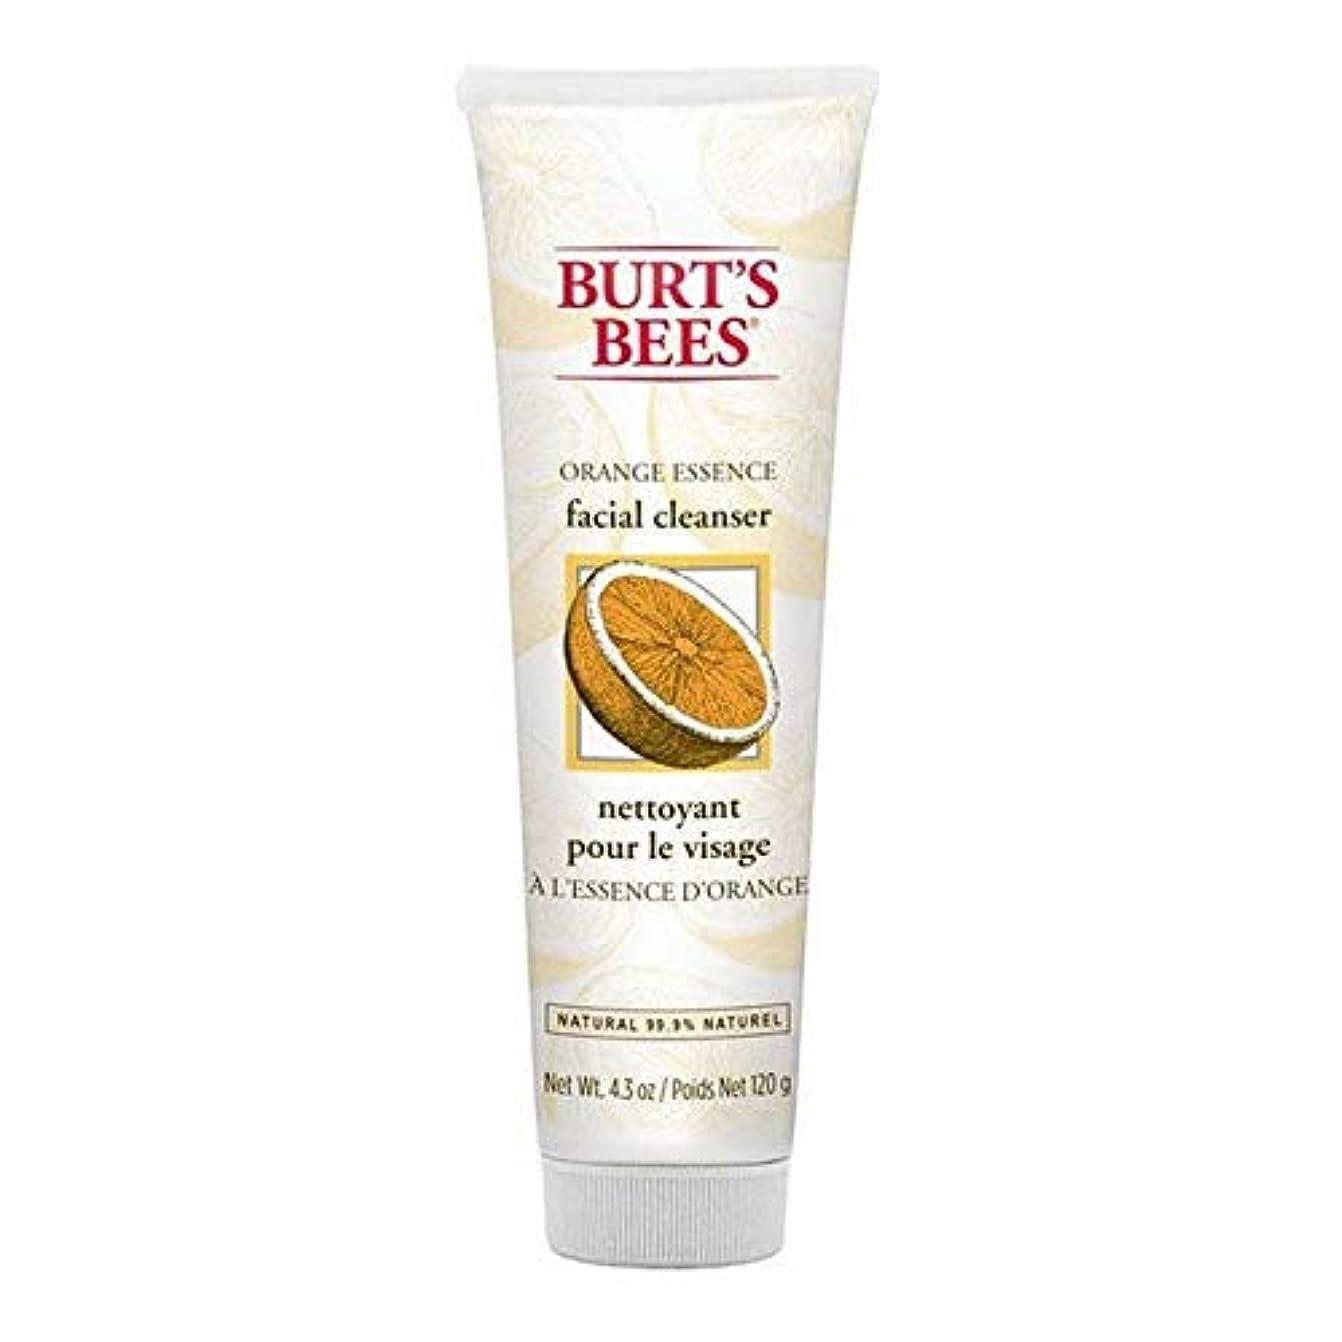 割り当てます独創的新着[Burt's Bees ] バーツビーオレンジエッセンス洗顔料の120グラム - Burt's Bees Orange Essence Facial Cleanser 120g [並行輸入品]